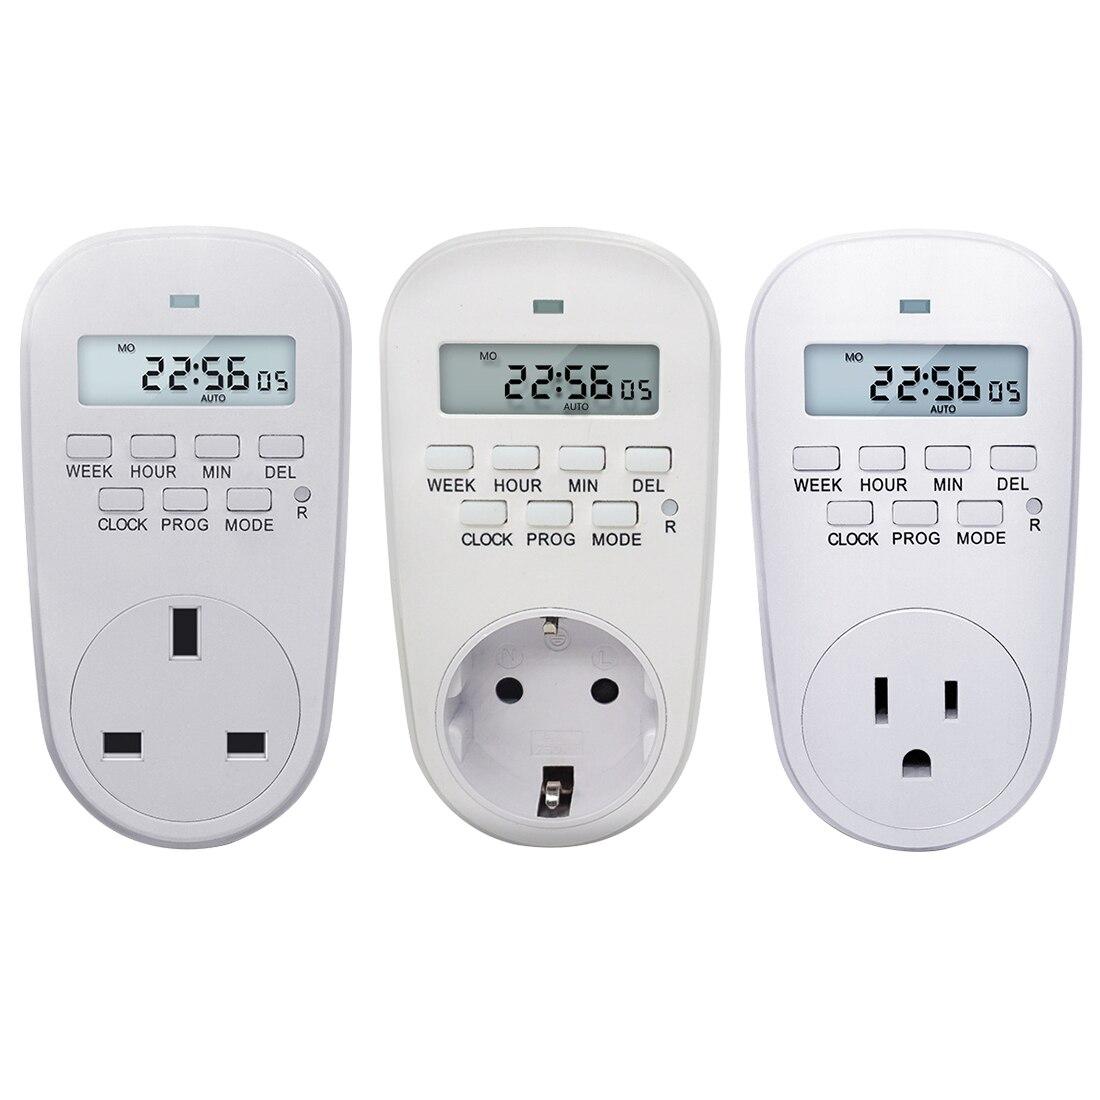 230 VAdjustable Programável Configuração do Relógio/Tempo On/Off Digital Interruptor Do Temporizador de Poupança de Energia Inteligente Soquete De Energia DA UE /EUA/REINO UNIDO Plug